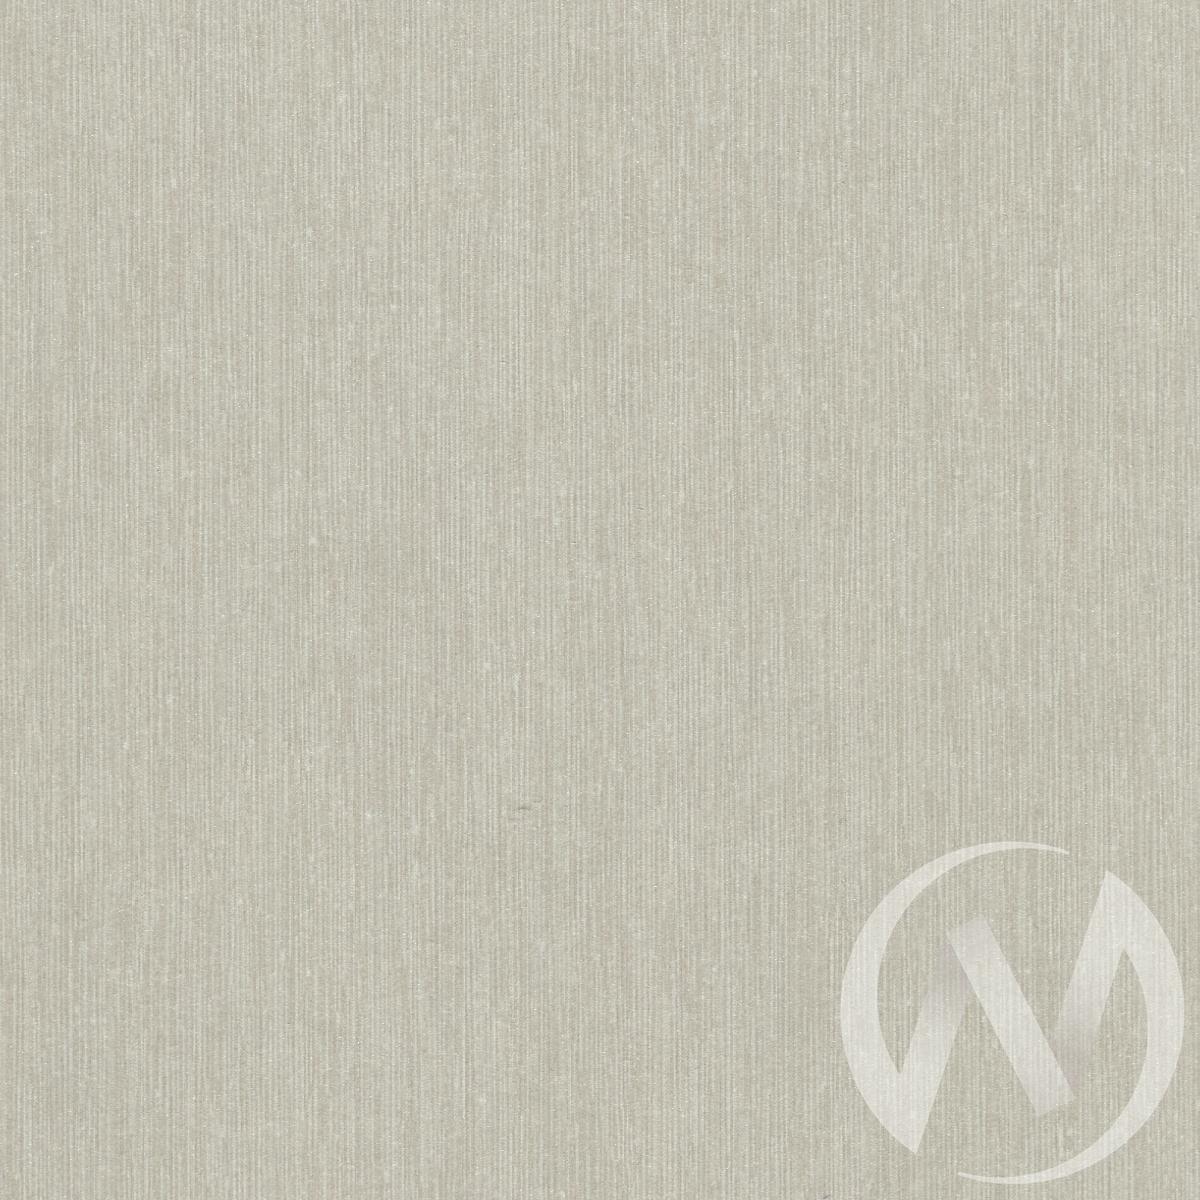 СТ-400 Столешница 400*600*26 (№143а бежевый металл) недорого в Томске — интернет-магазин авторской мебели Экостиль